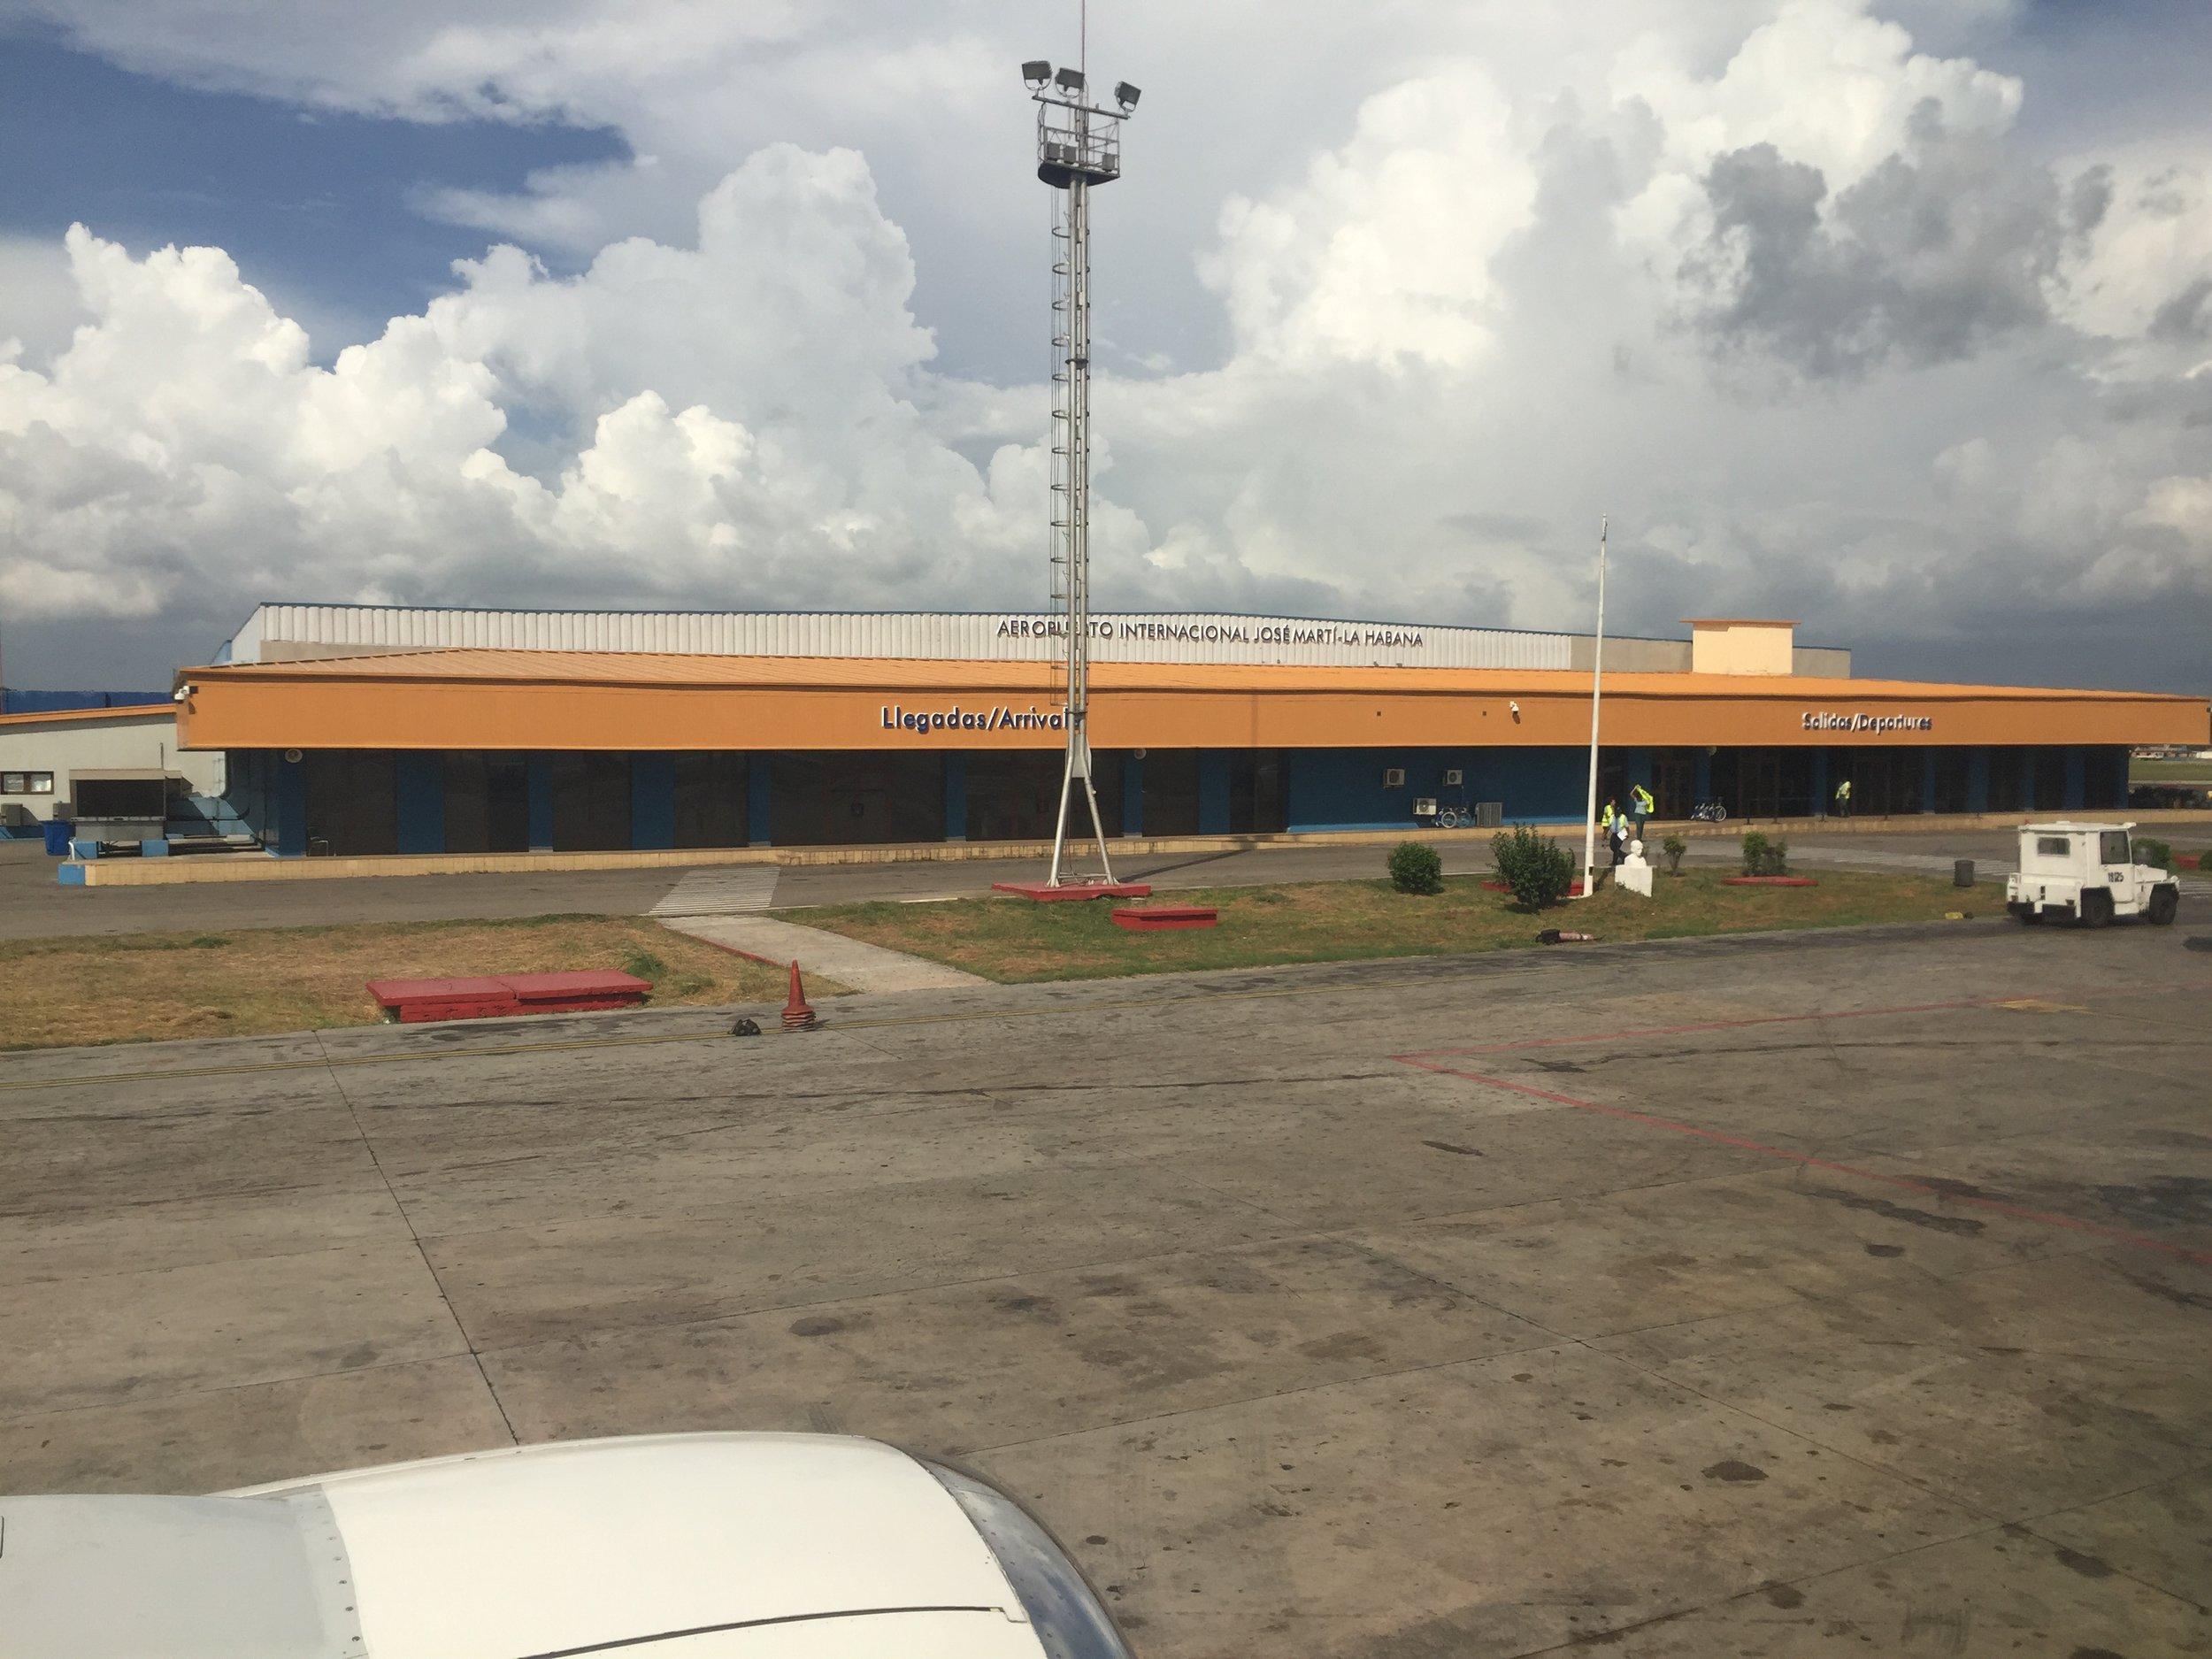 أحد صالات مطار خوسيه مارتي في هافانا